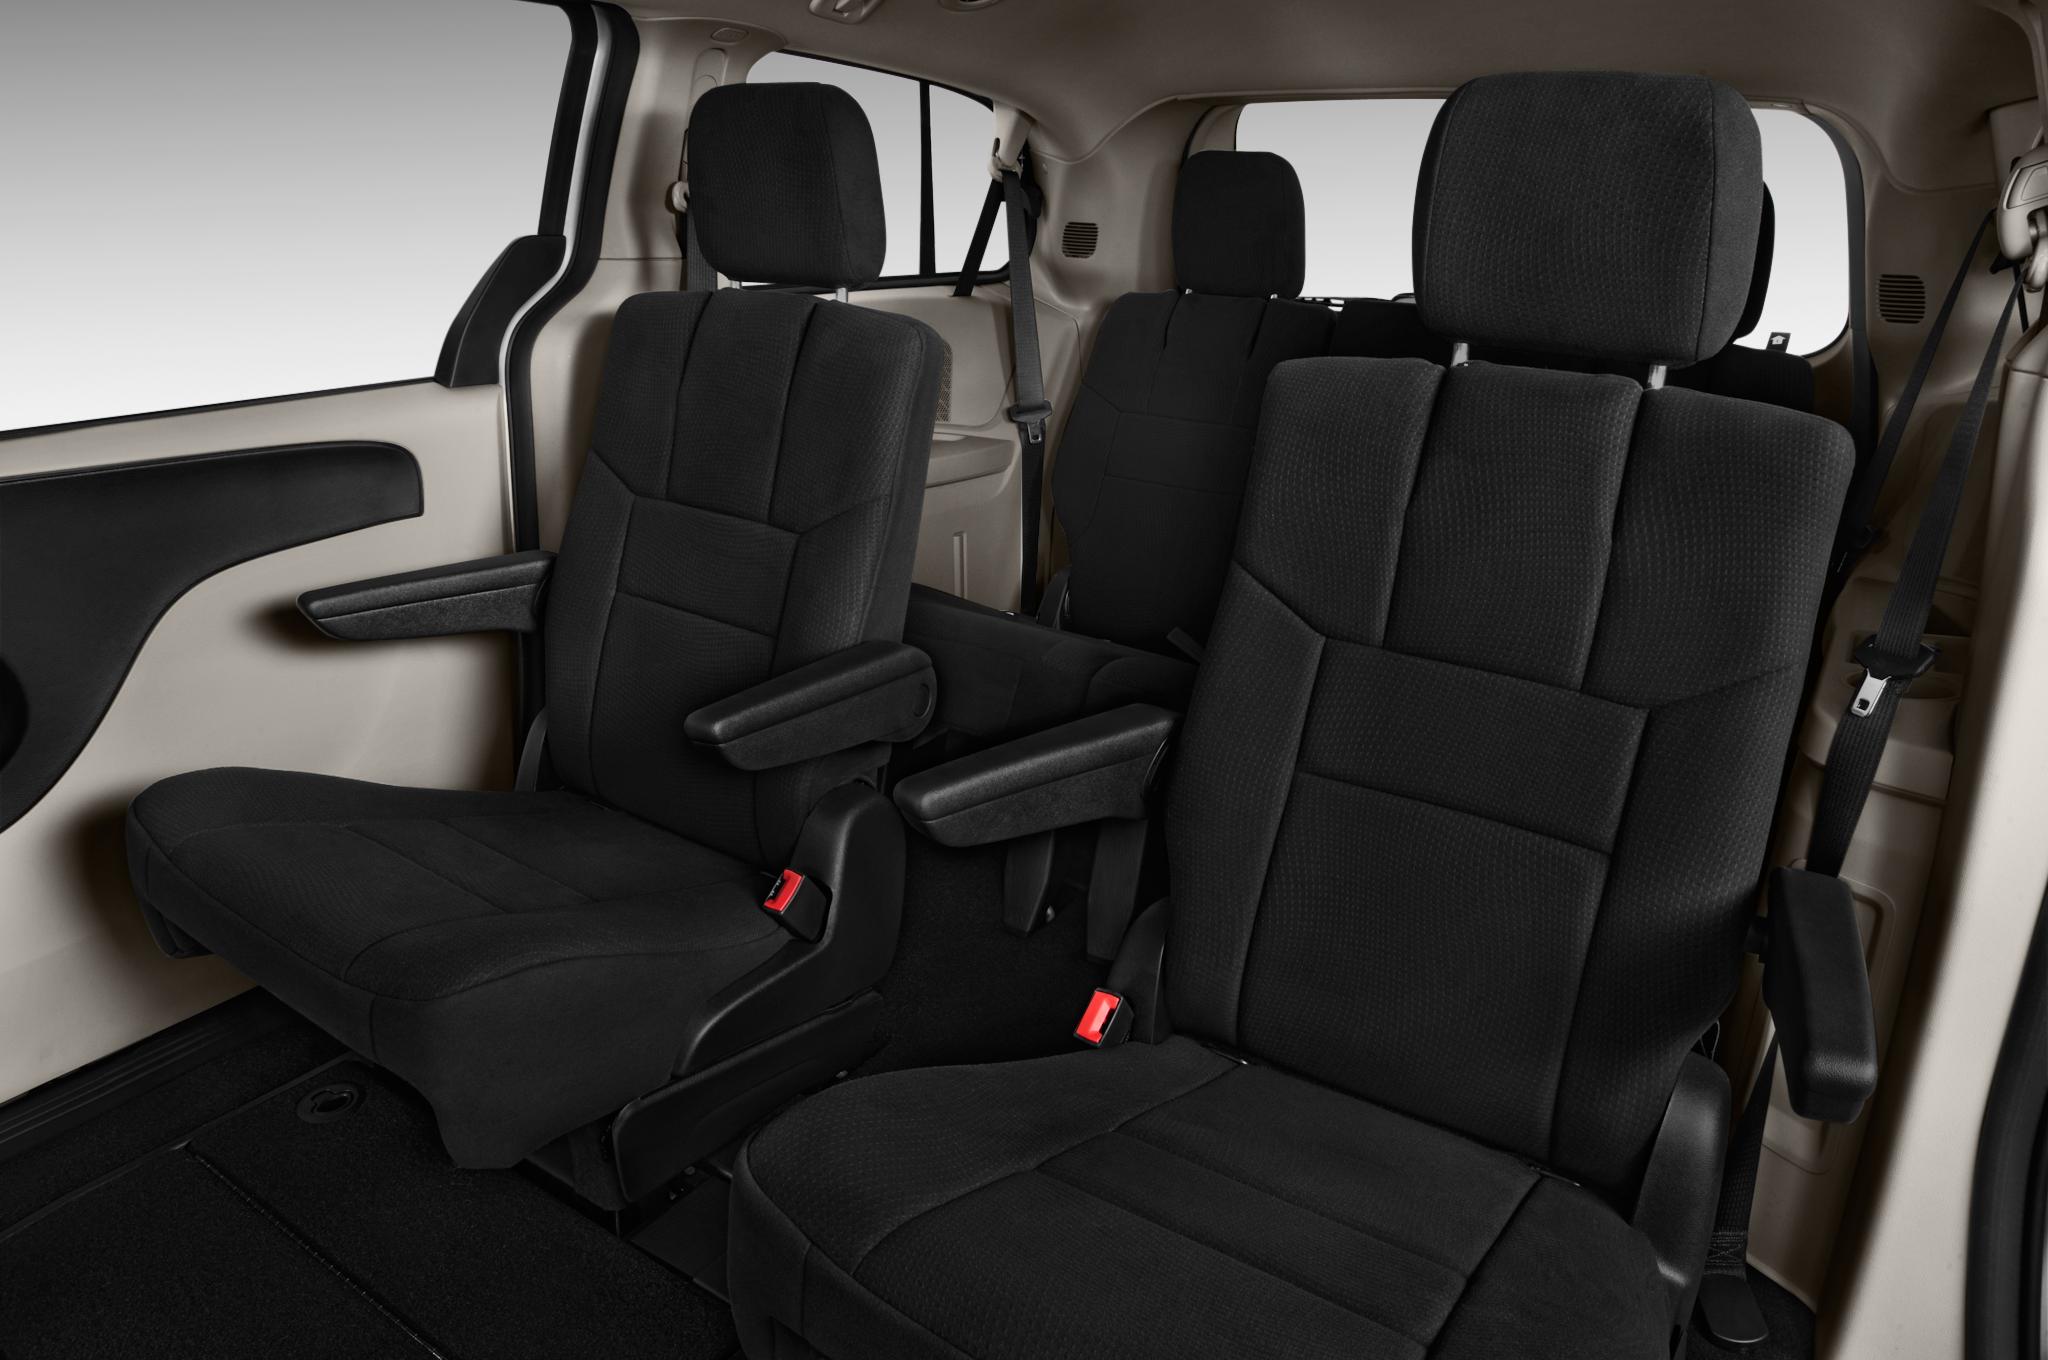 Ford 15 Passenger Van >> Driven: 2012 Dodge Grand Caravan R/T - Automobile Magazine